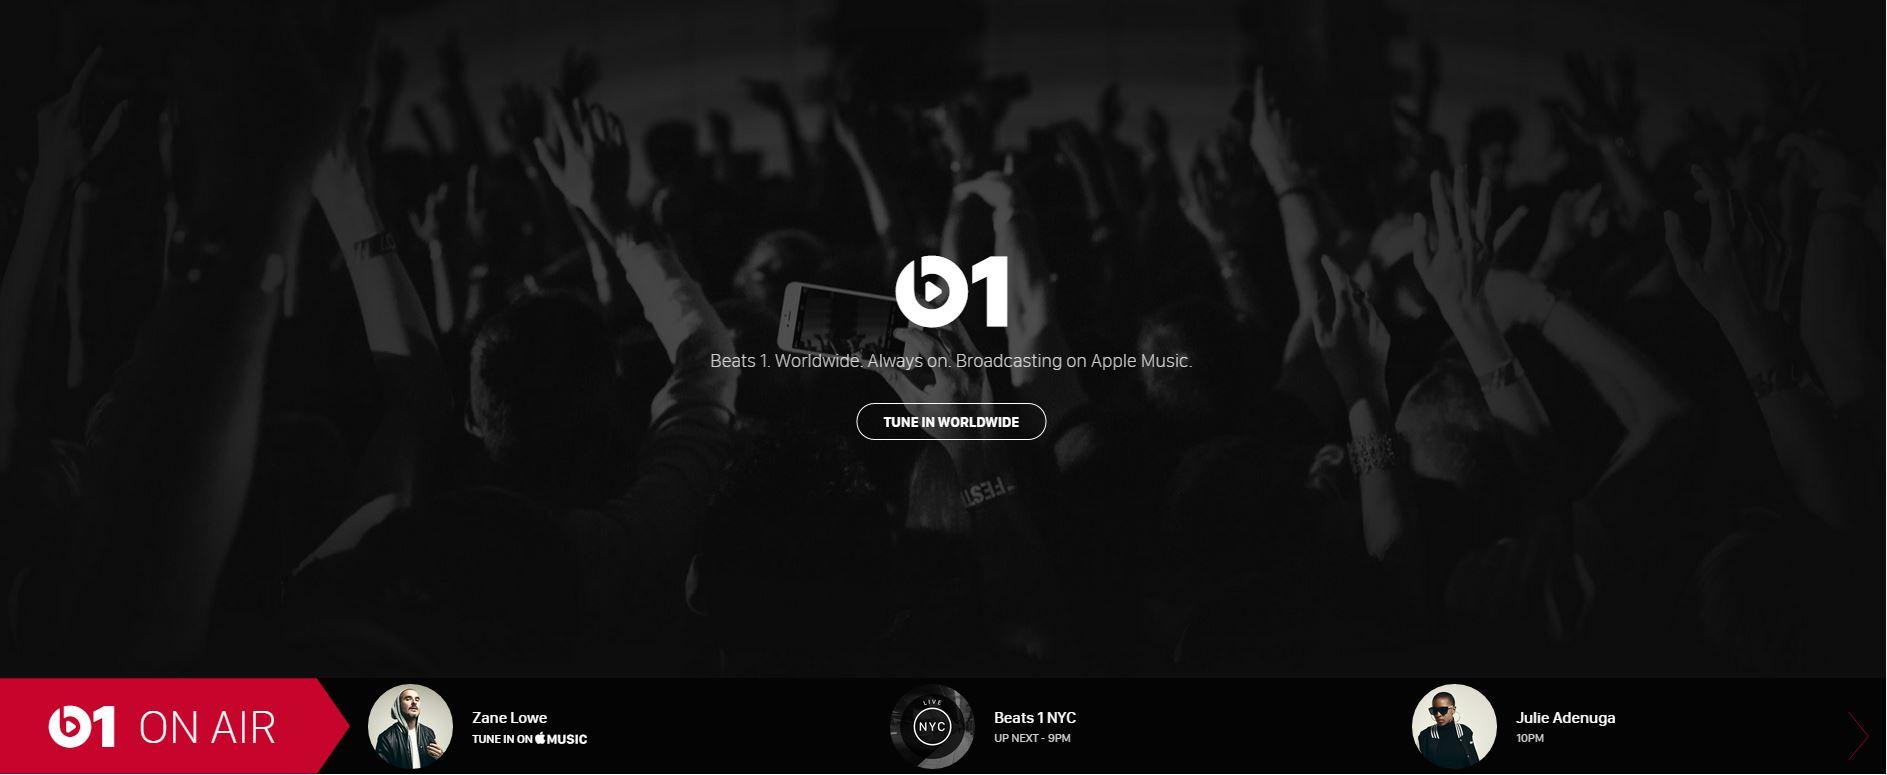 descarcare muzica ascultare offline Apple Music 1